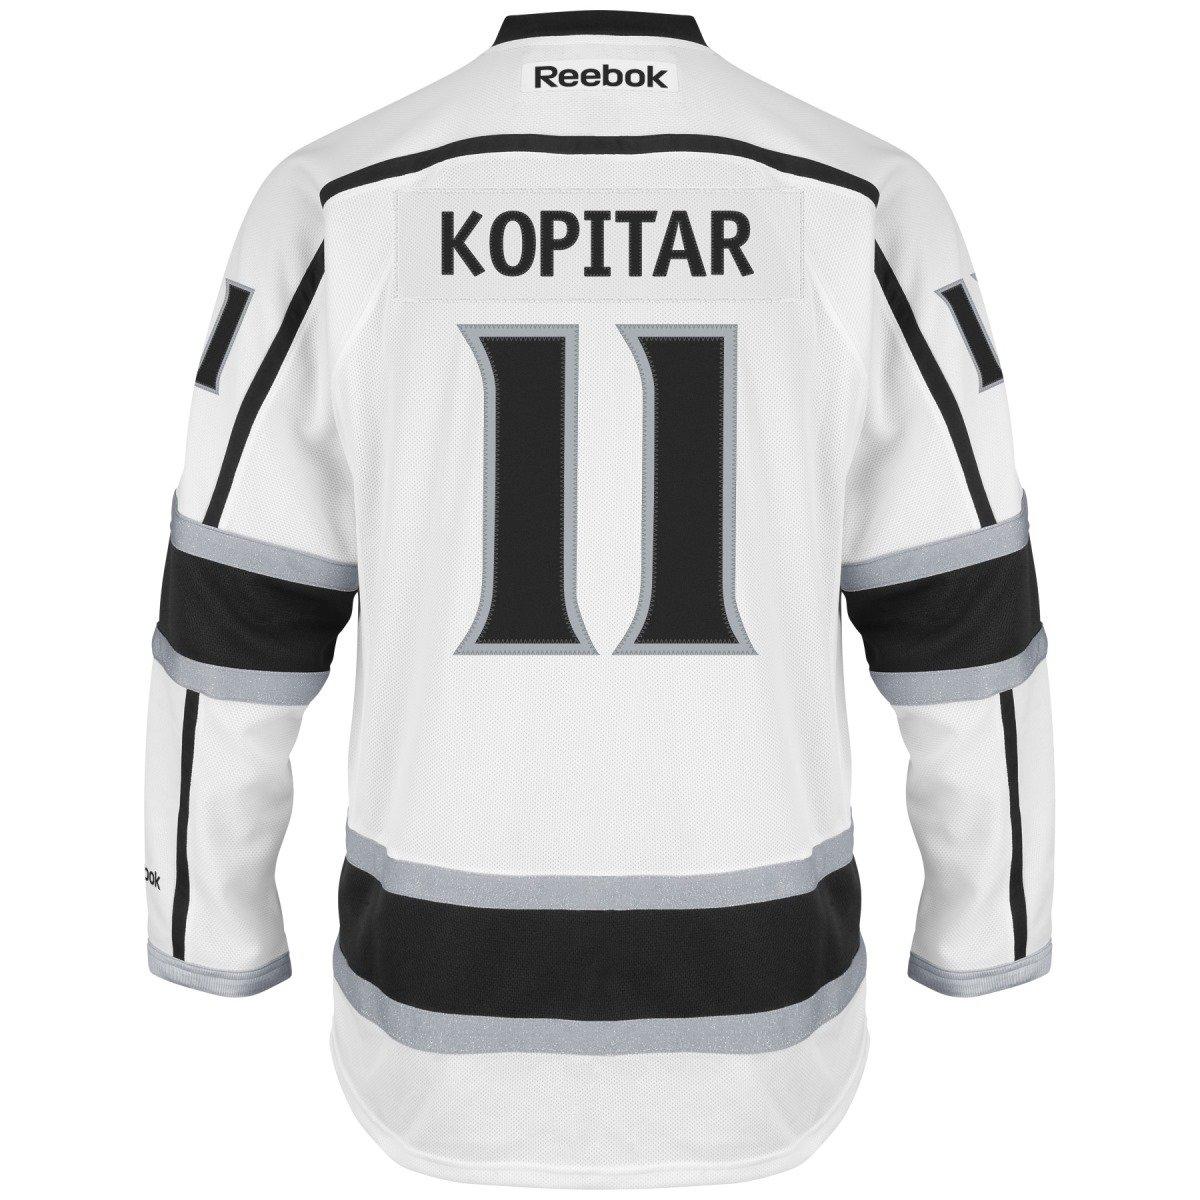 8316ed6ddb9 Amazon.com : Reebok Anze Kopitar Los Angeles Kings White NHL Premier Jersey  : Sports Fan Jerseys : Clothing